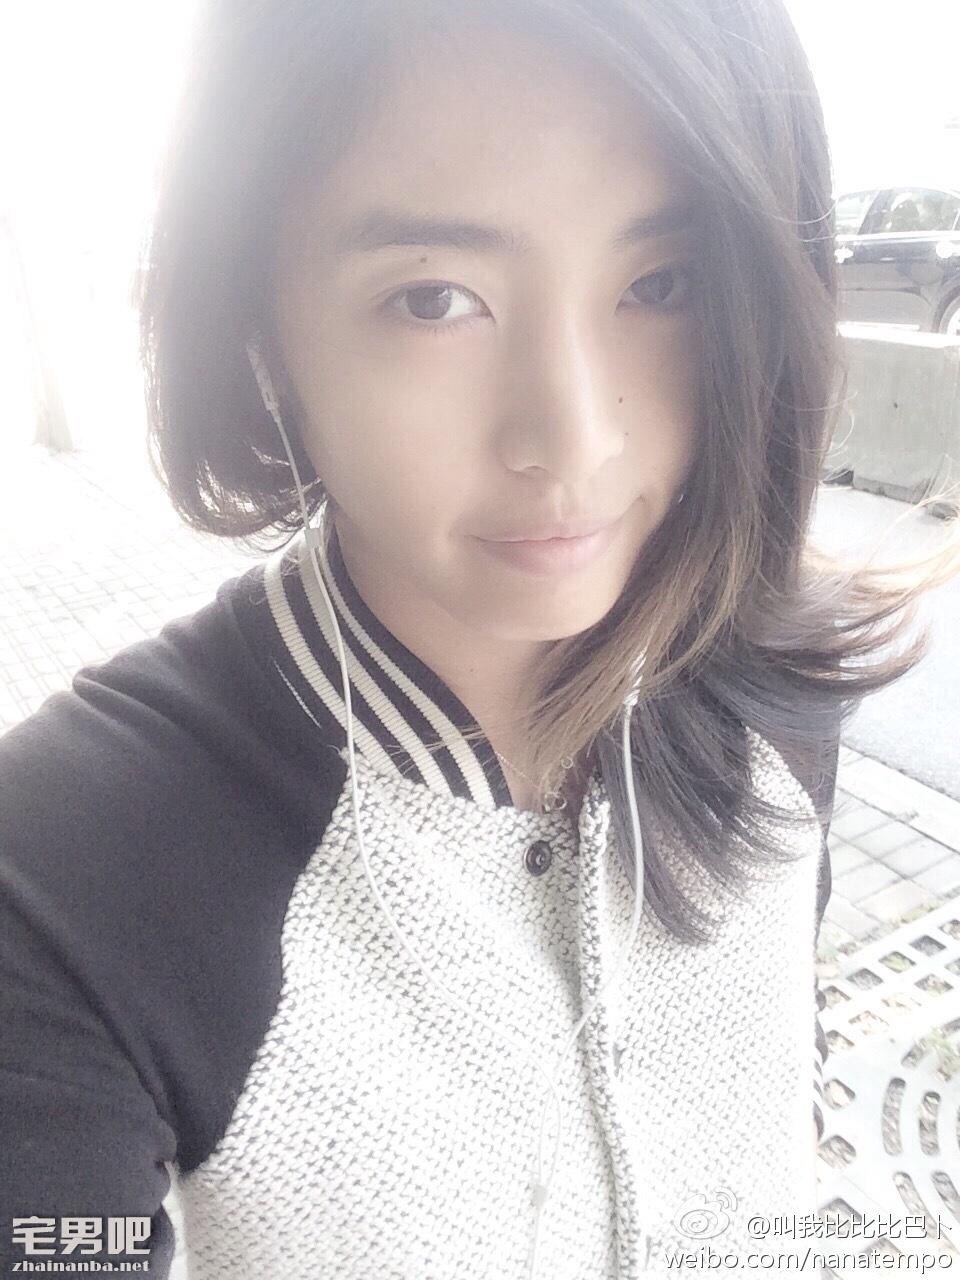 赵丽娜 上海女足